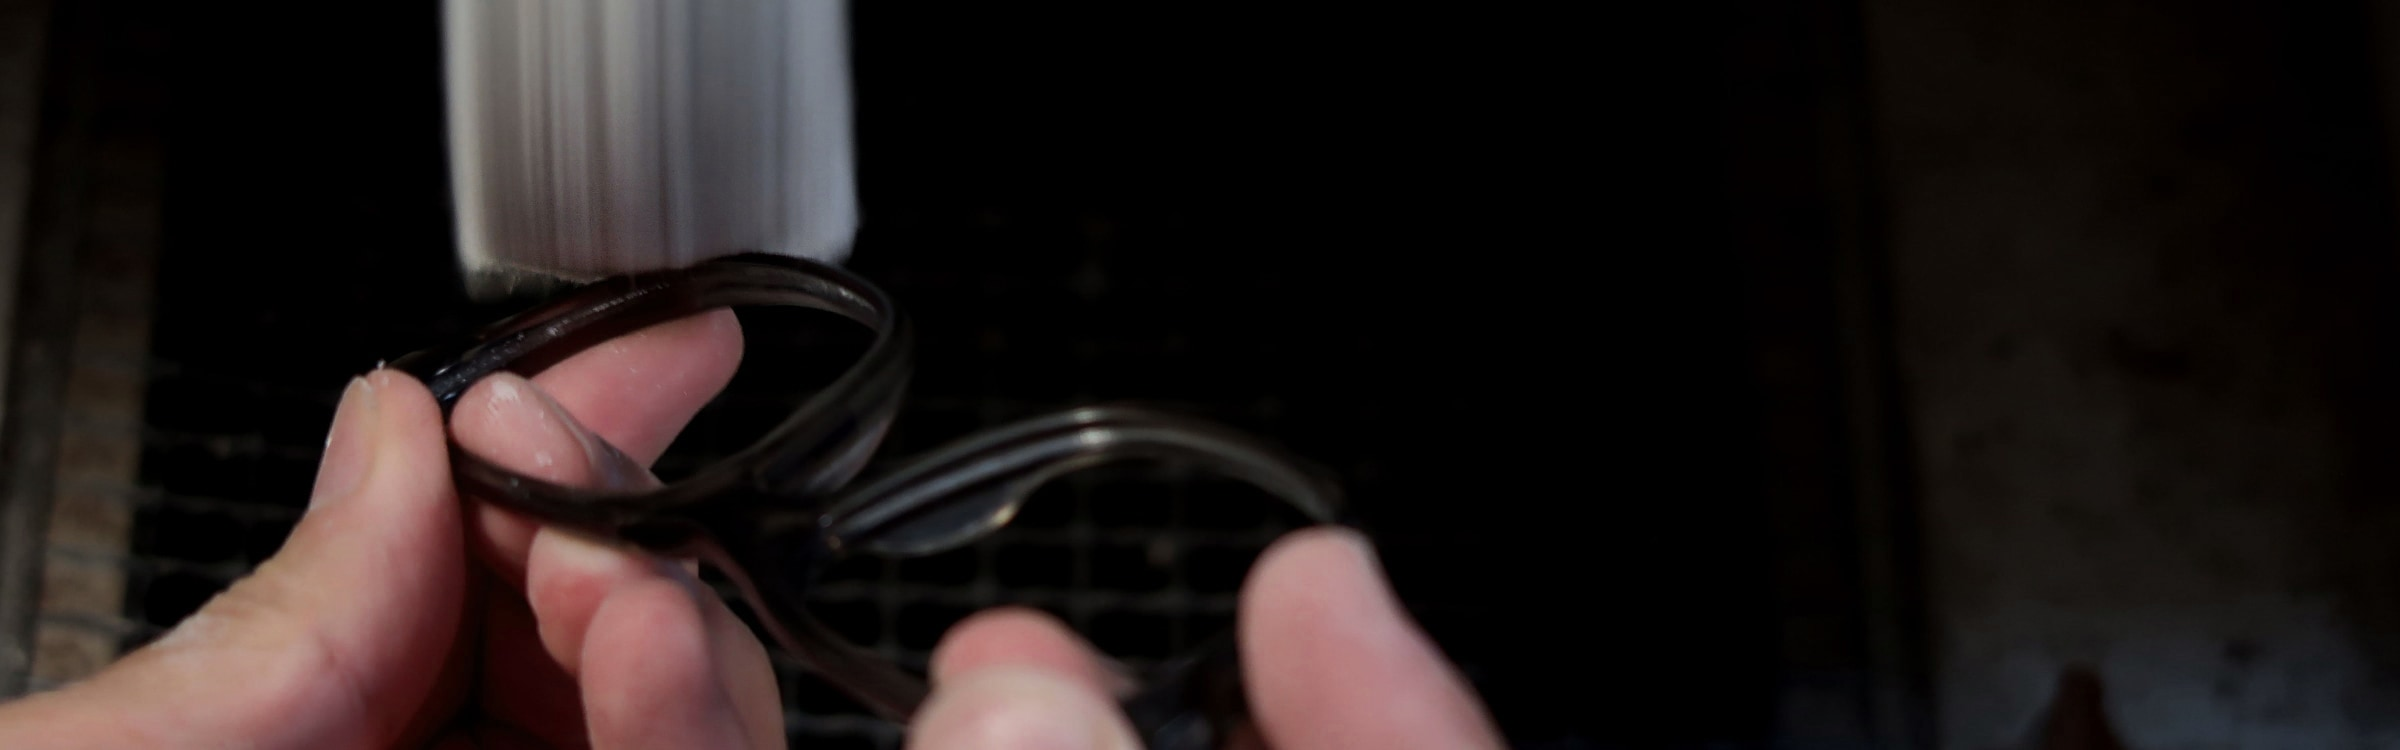 メガネフレームの仕上げバフ磨き